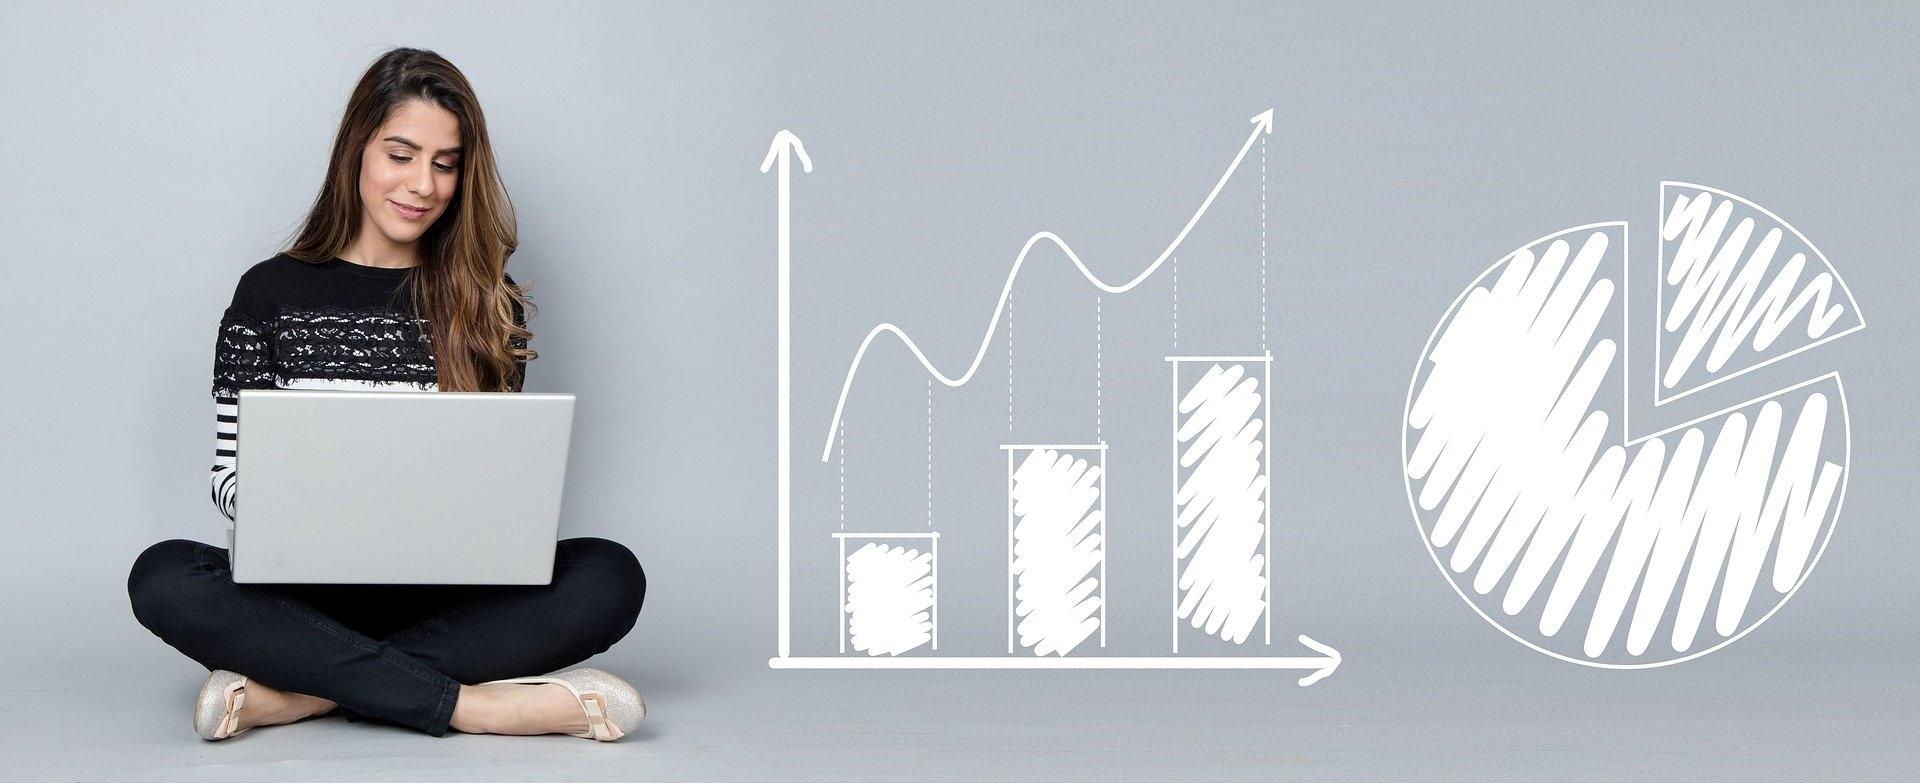 Dlaczego warto inwestować w podniesienie własnych kwalifikacji?